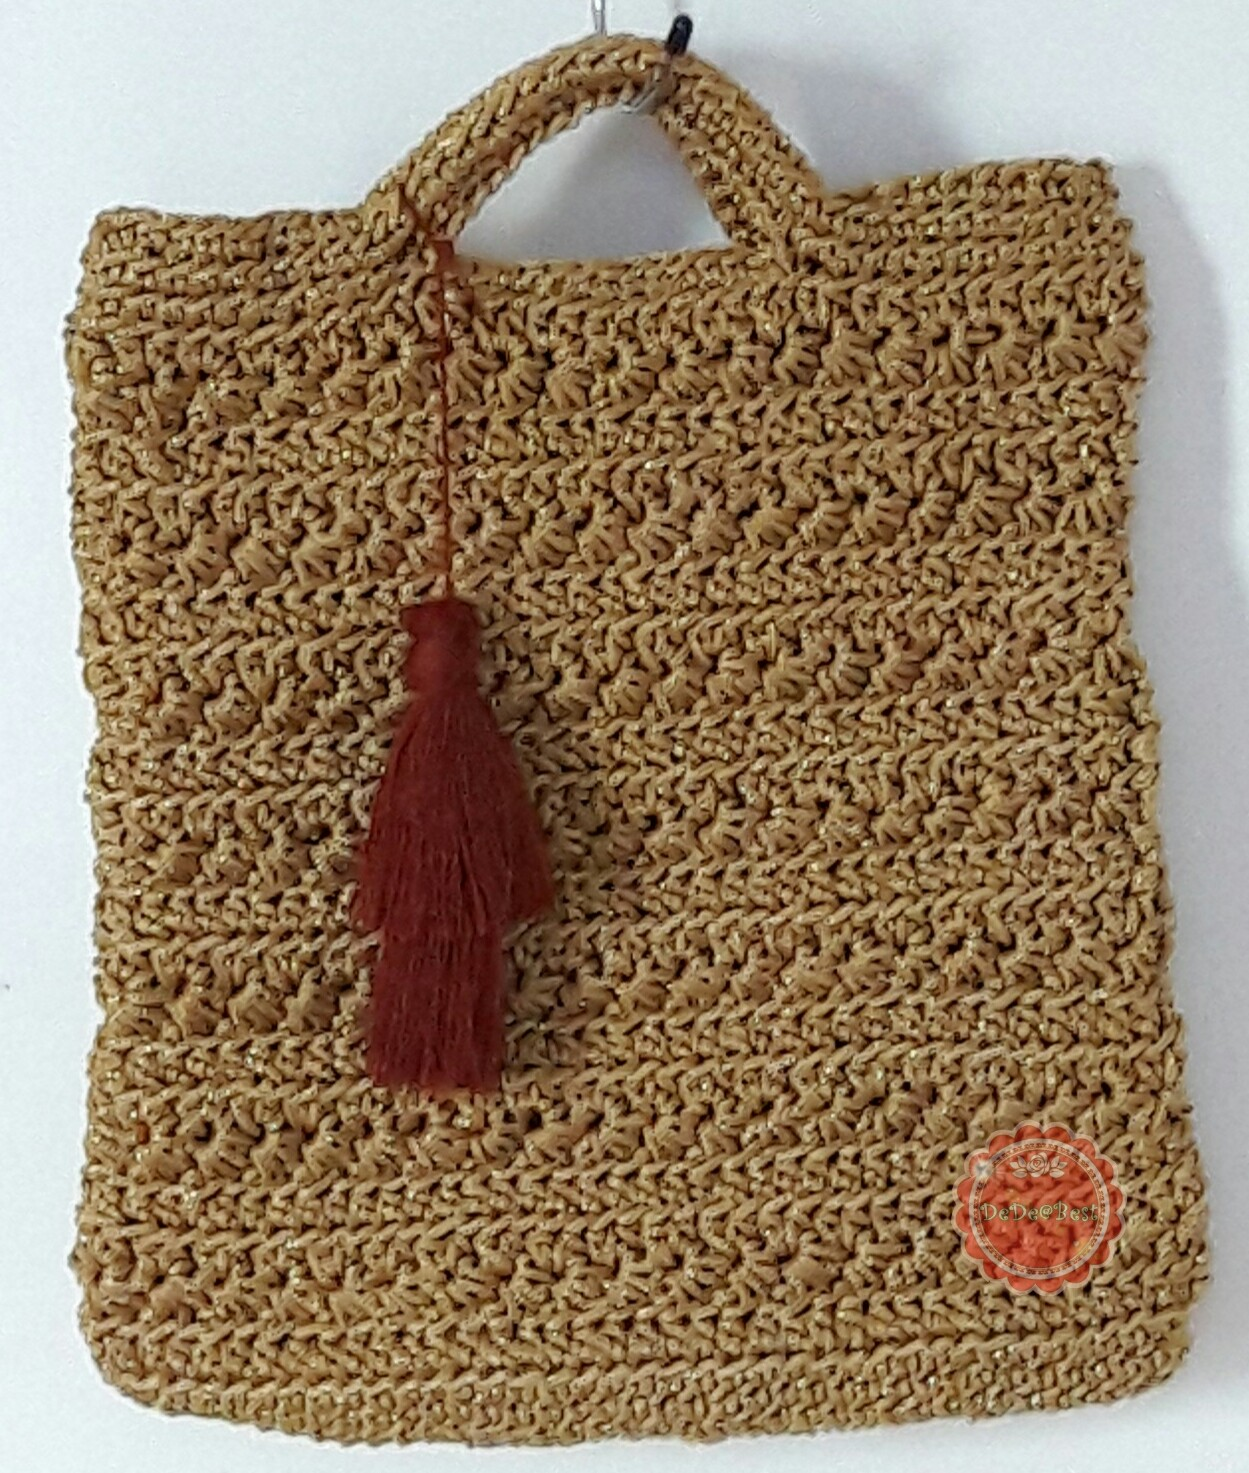 หมดค่ะ B66:Handmade bag กระเป๋าถือถักด้วยเชือกร่มสีทองดิ้นทอง แต่งพู่ สินค้าใหม่ค่ะ❤